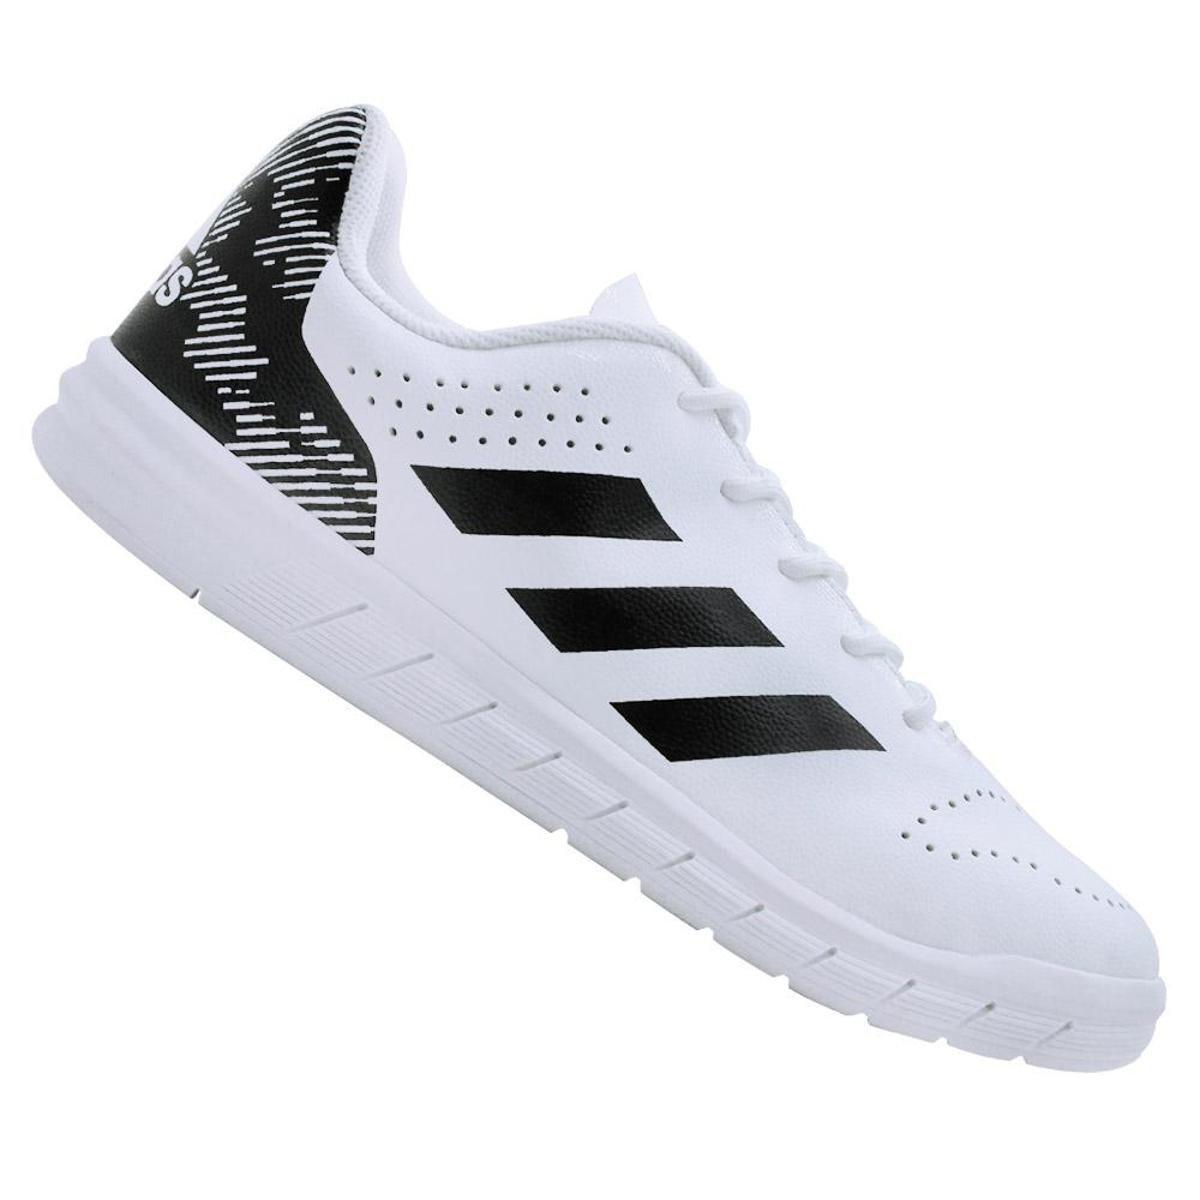 c5272c13b Tênis Infantil Adidas Quicksport Jr - Compre Agora